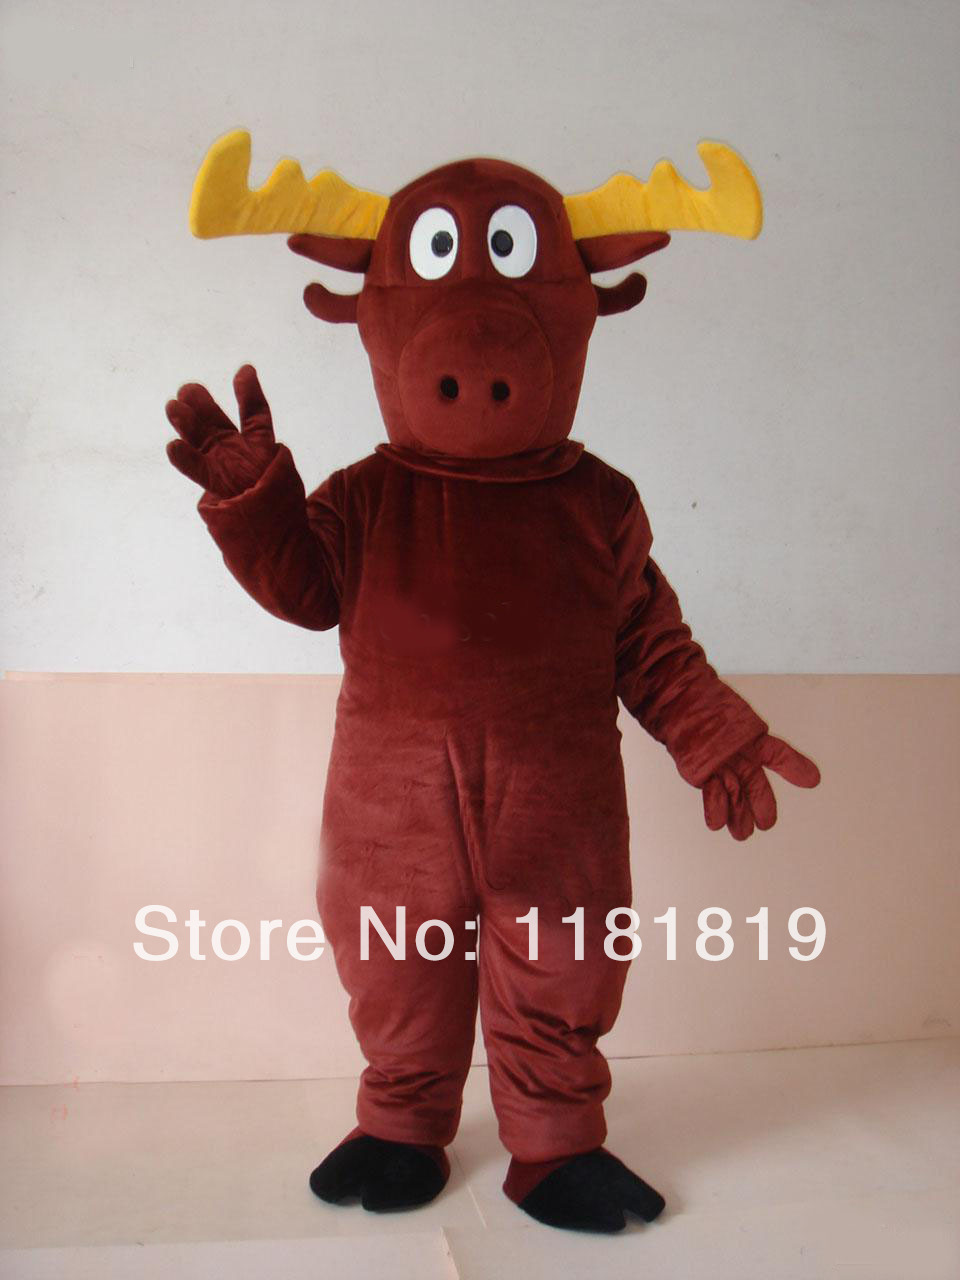 reindeer moose deer mascot costume hot sale adult size halloween